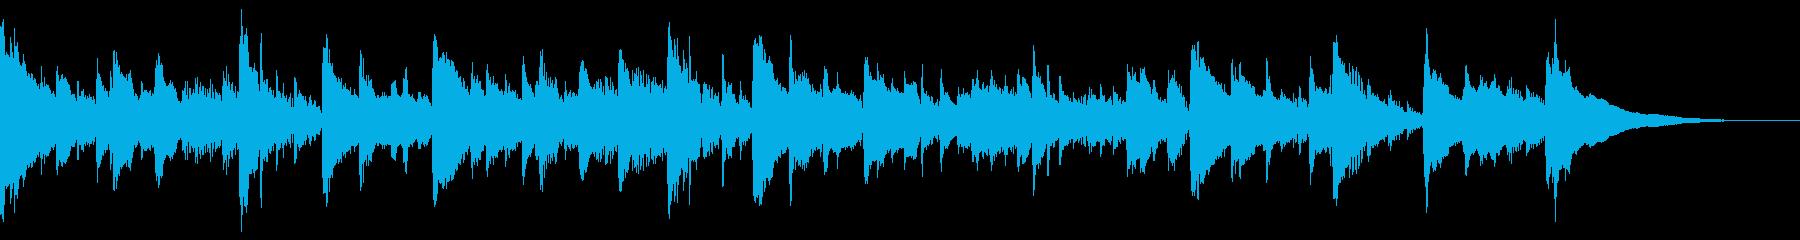 メキシコダンススローリッチラテンギ...の再生済みの波形